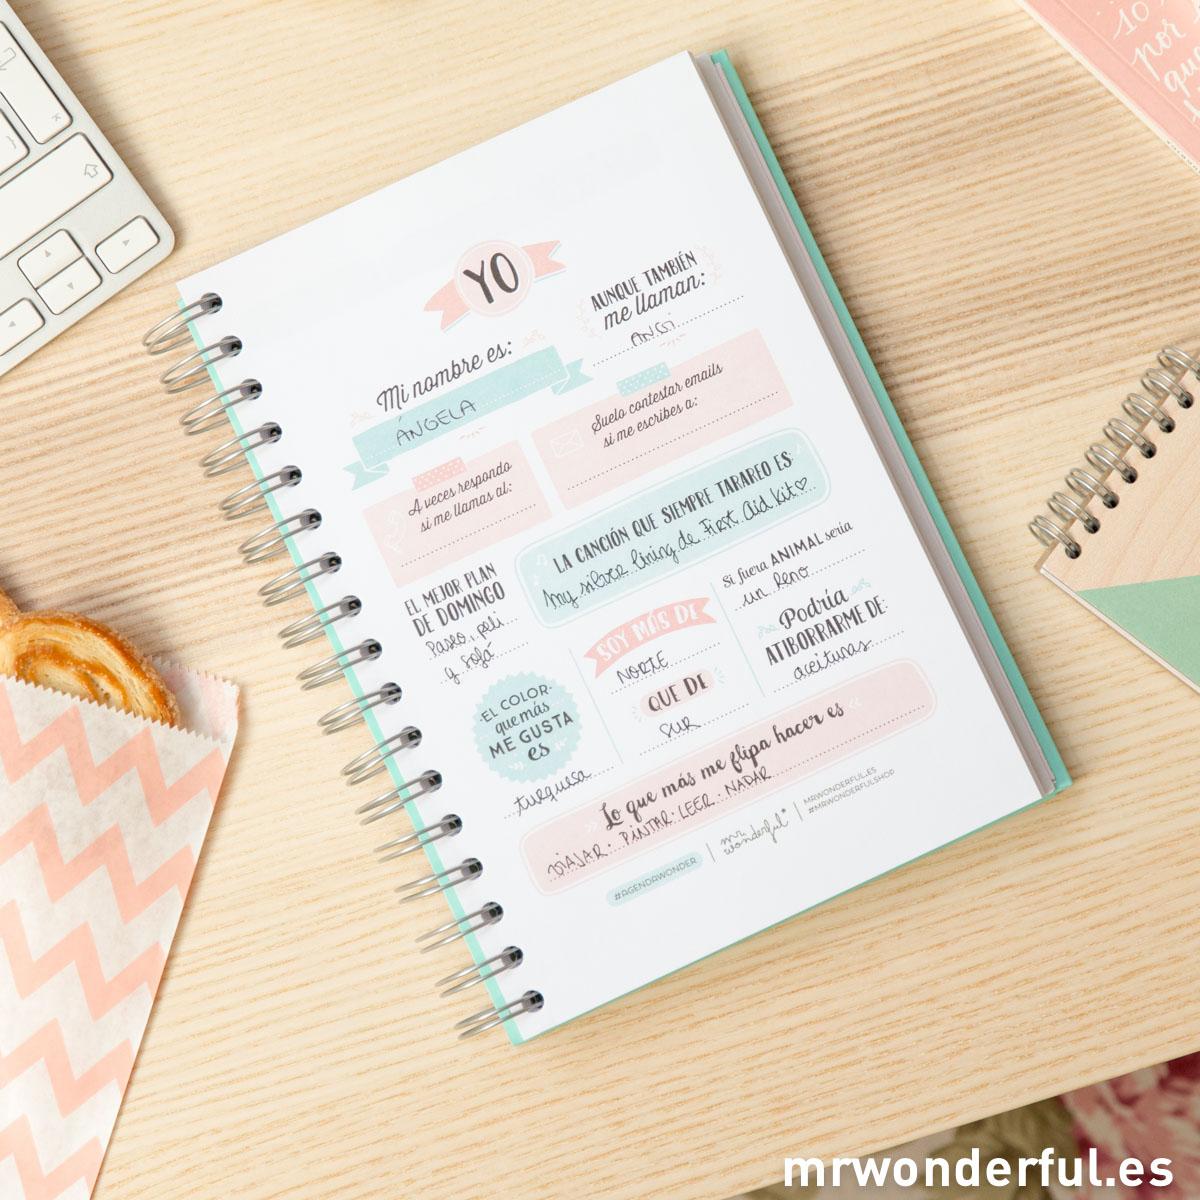 mrwonderful_Agenda-anual-2016-Que-planes-geniales-tienes-para-hoy_8436547193769-WOA02955-6